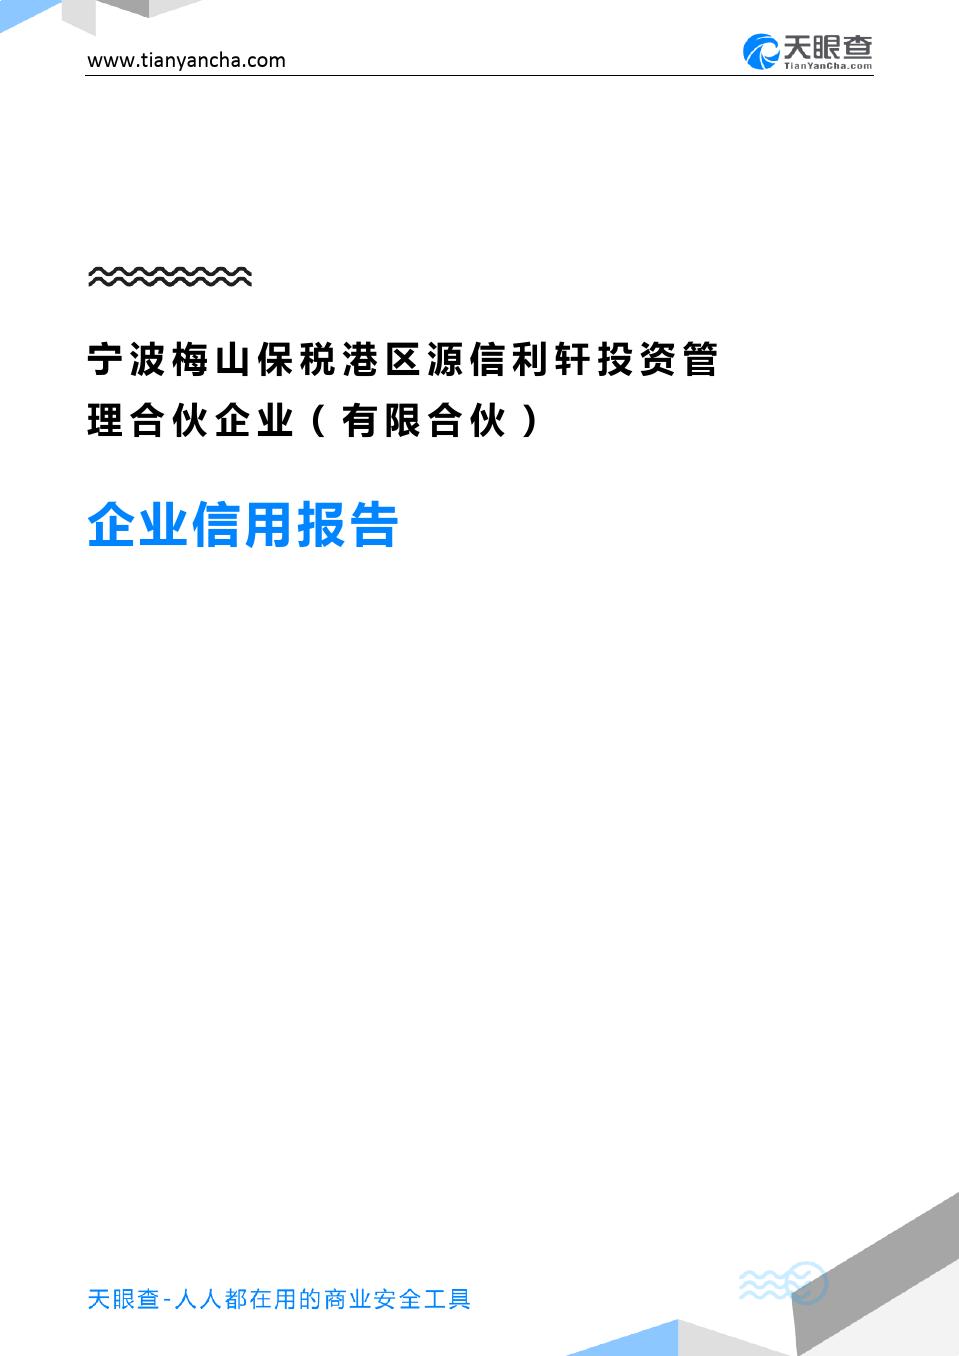 宁波梅山保税港区源信利轩投资管理合伙企业(有限合伙)(企业信用报告)- 天眼查